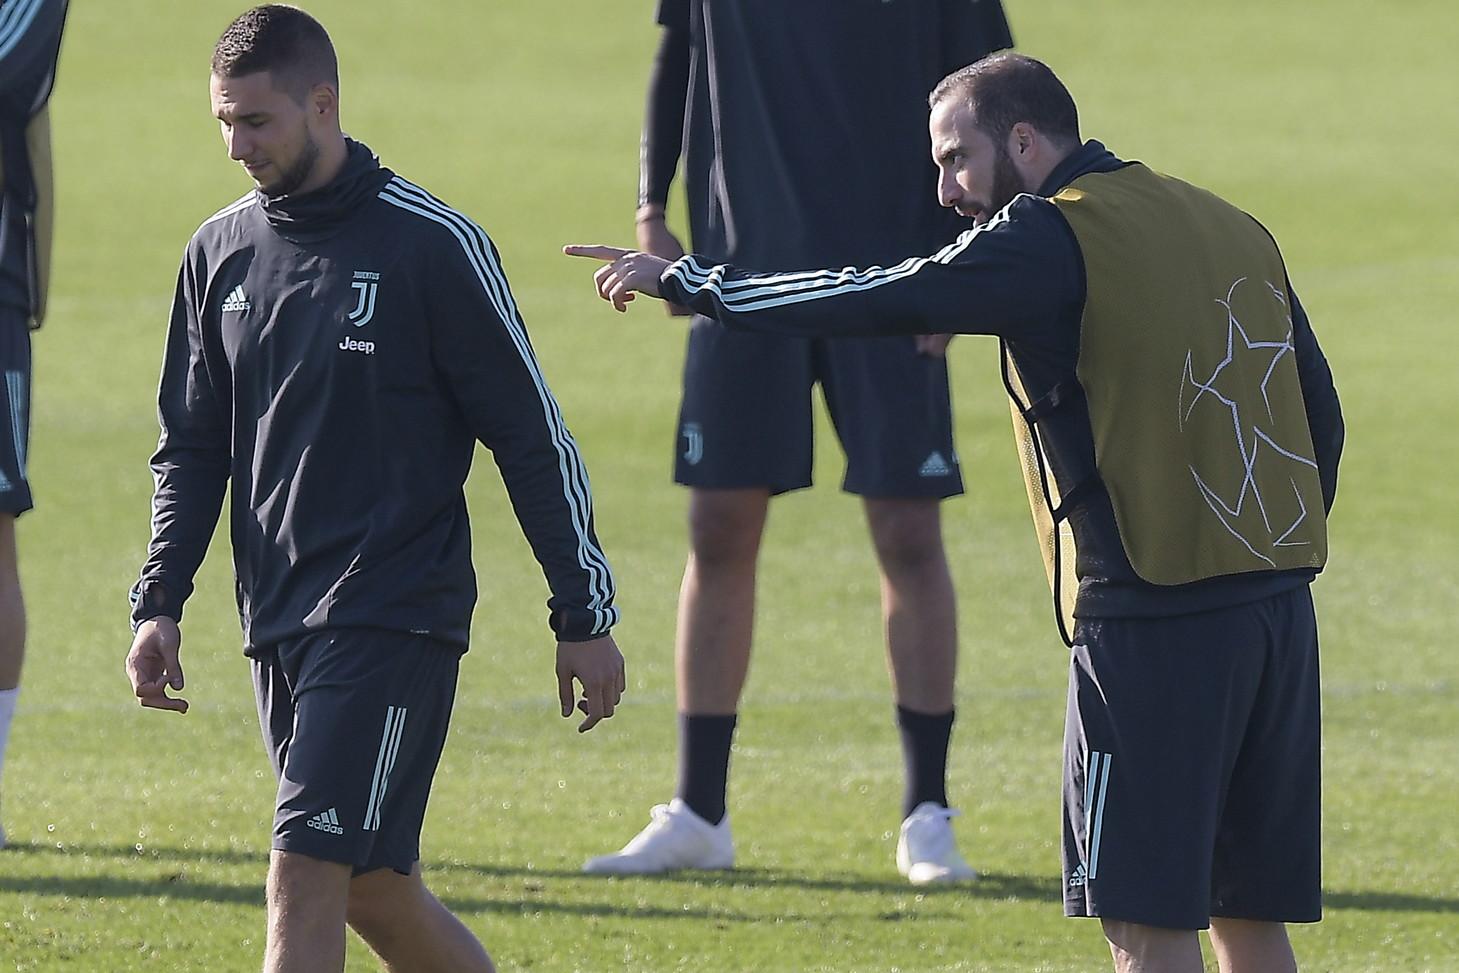 Pjaca (Juve): può lasciare i bianconeri per giocare con continuità. Piace al Verona